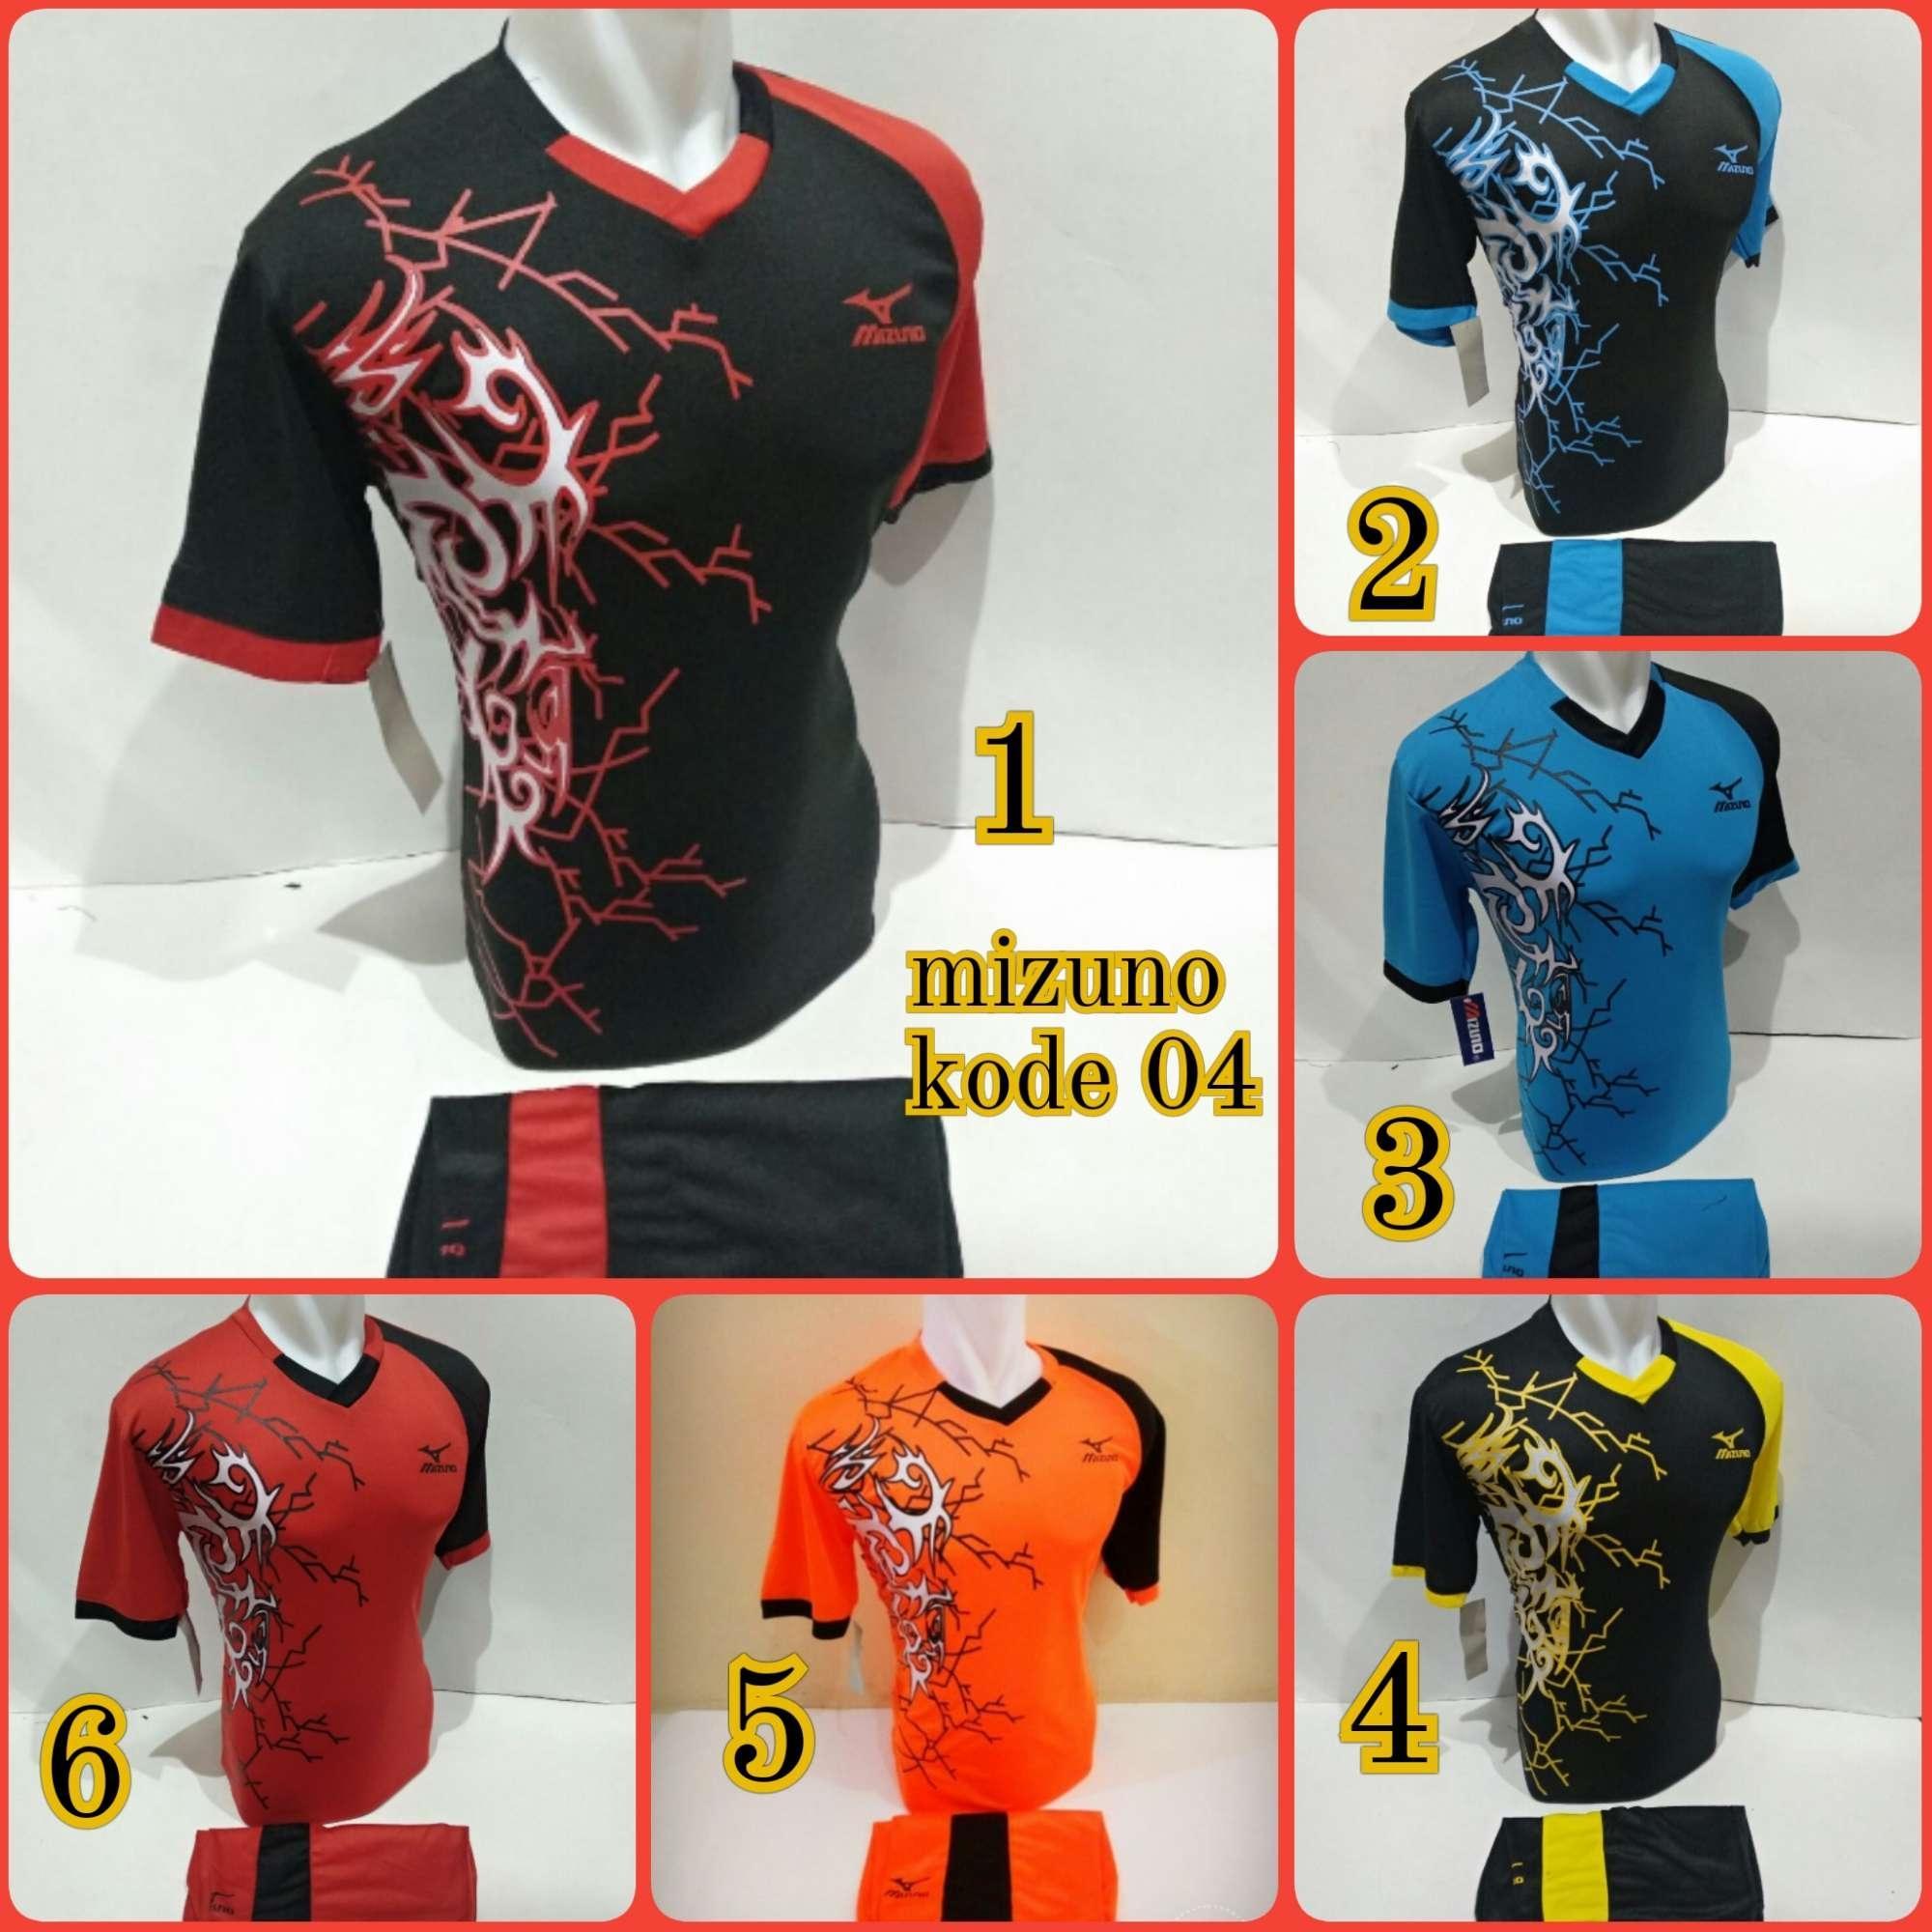 Baju Olahraga Jersey Bola Kaos Setelan Futsal Volly Voli mz 04 hitam kuning